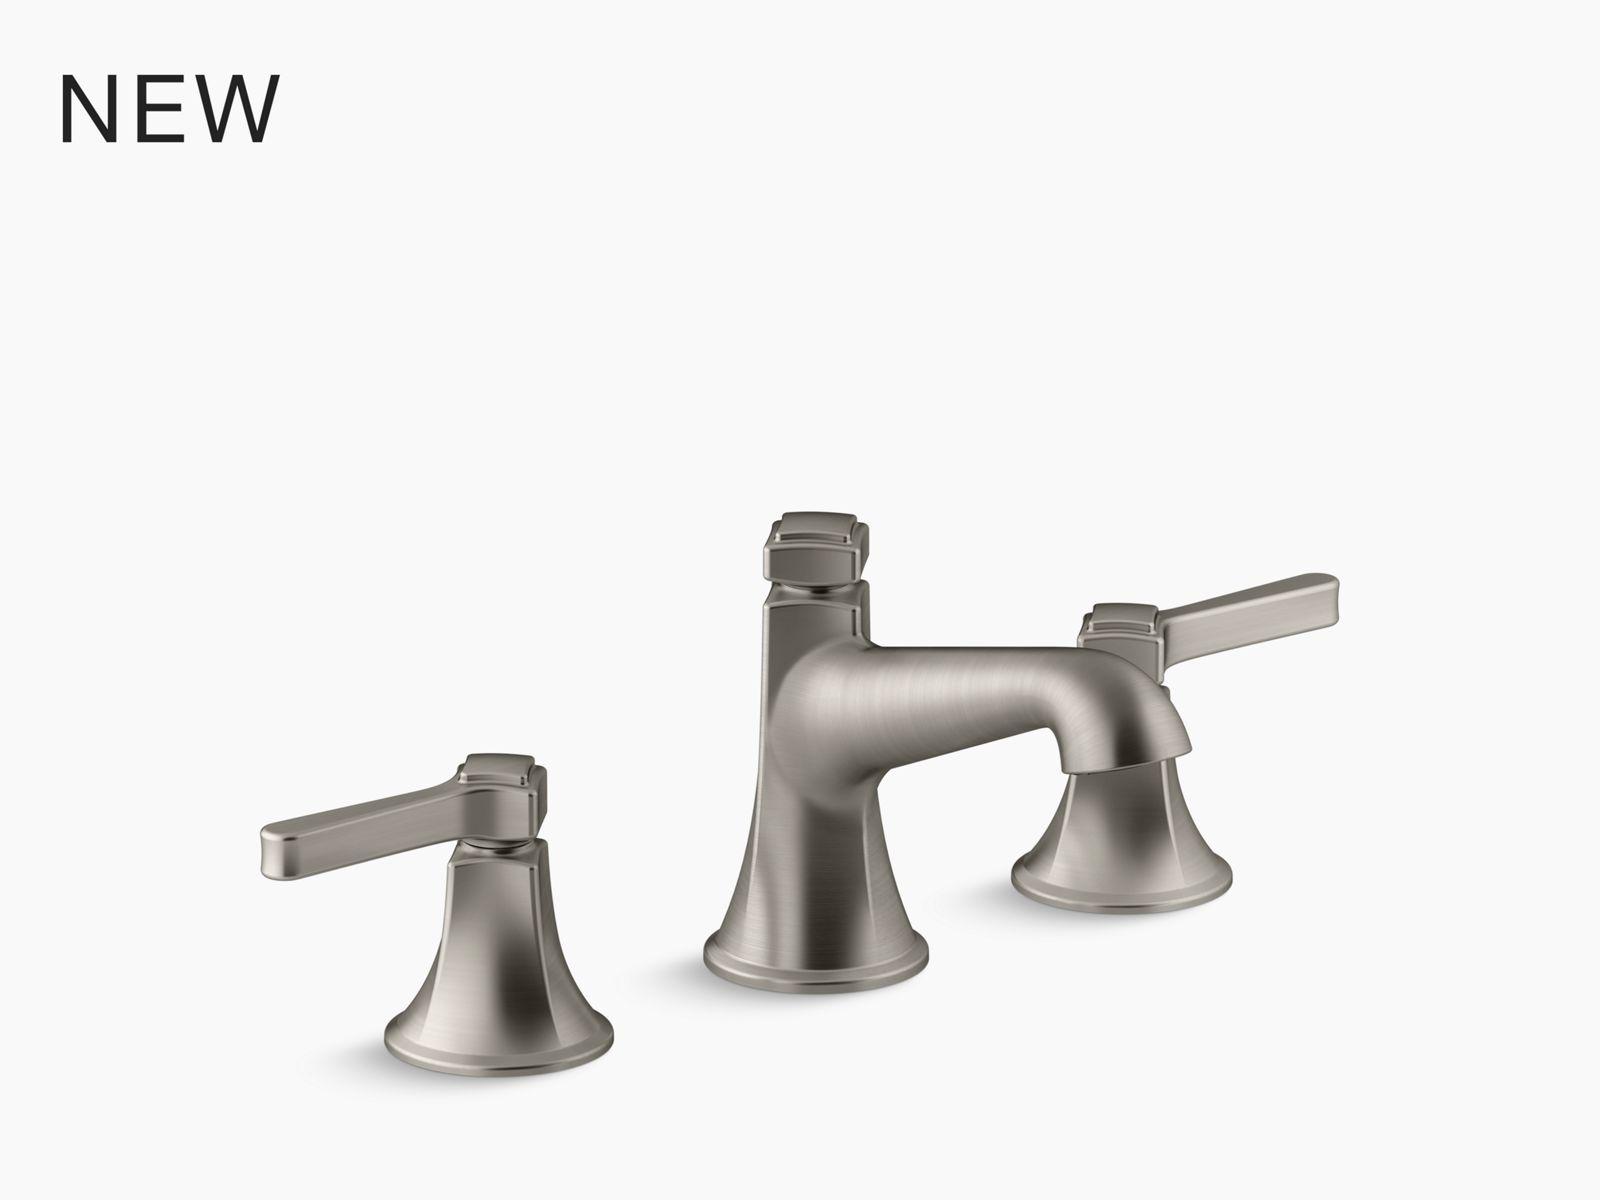 triton bowe utility sink faucet